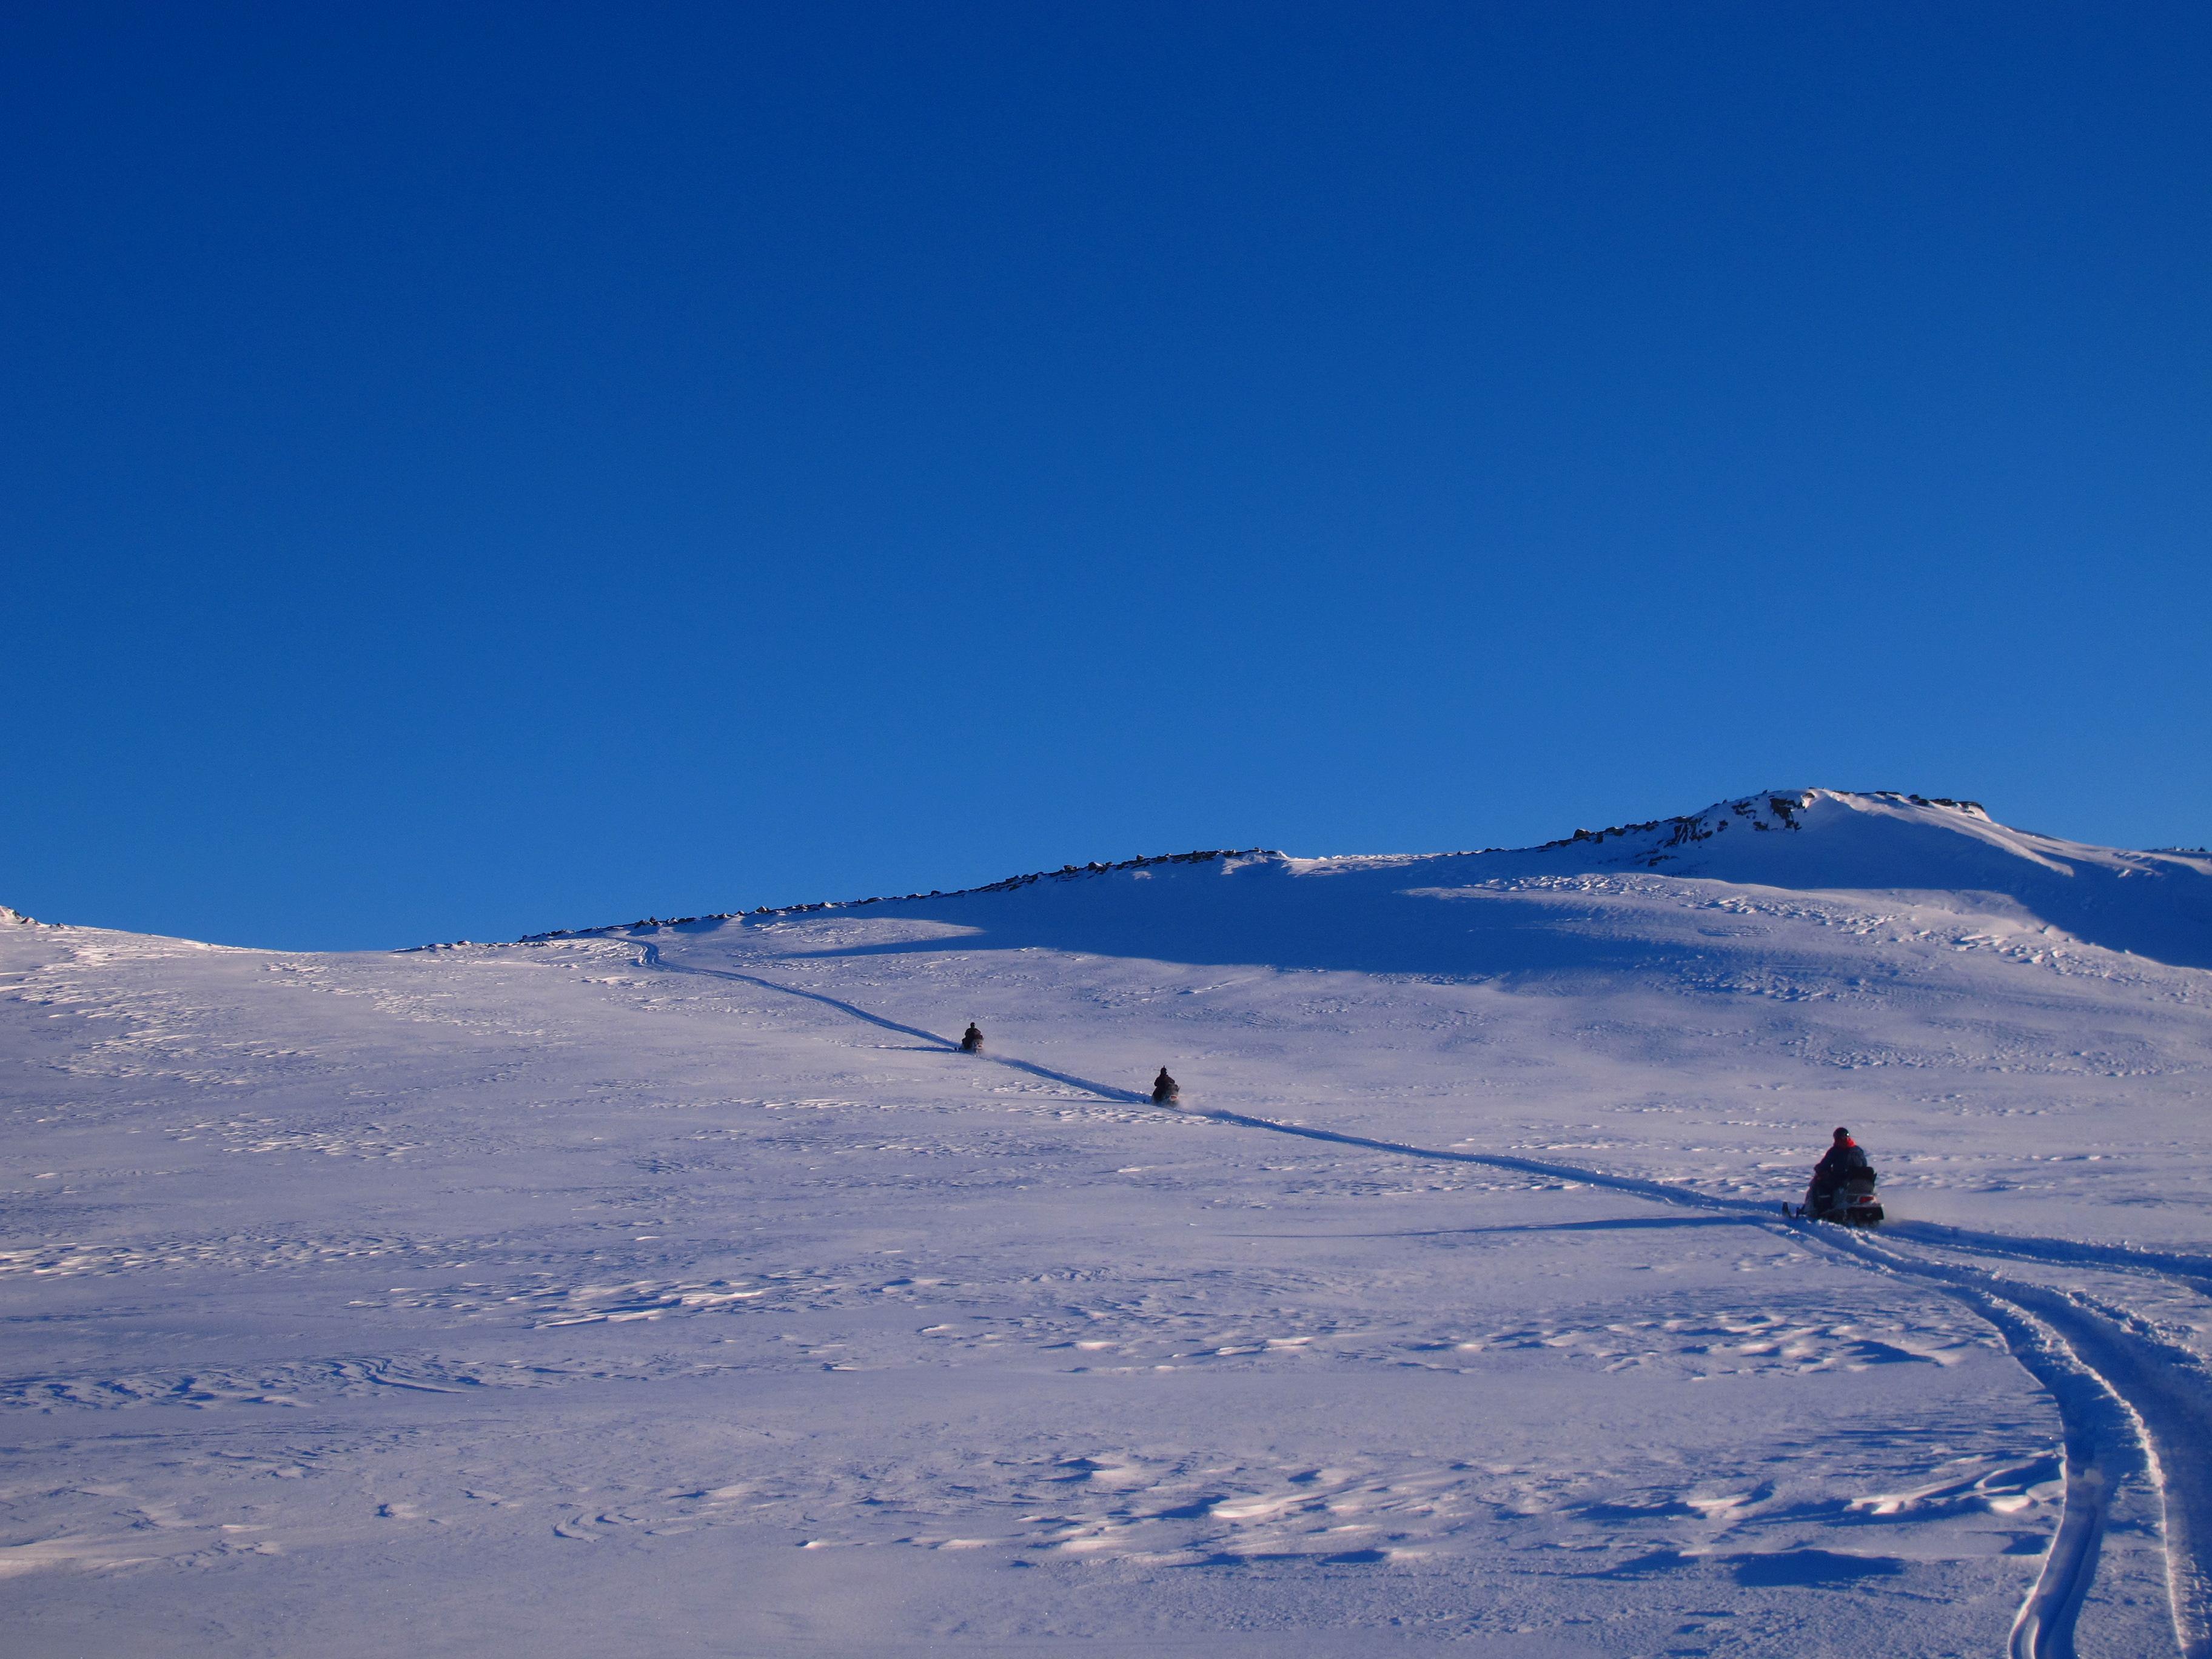 Islande Le Guide De L  Ef Bf Bdle Aux Volcans